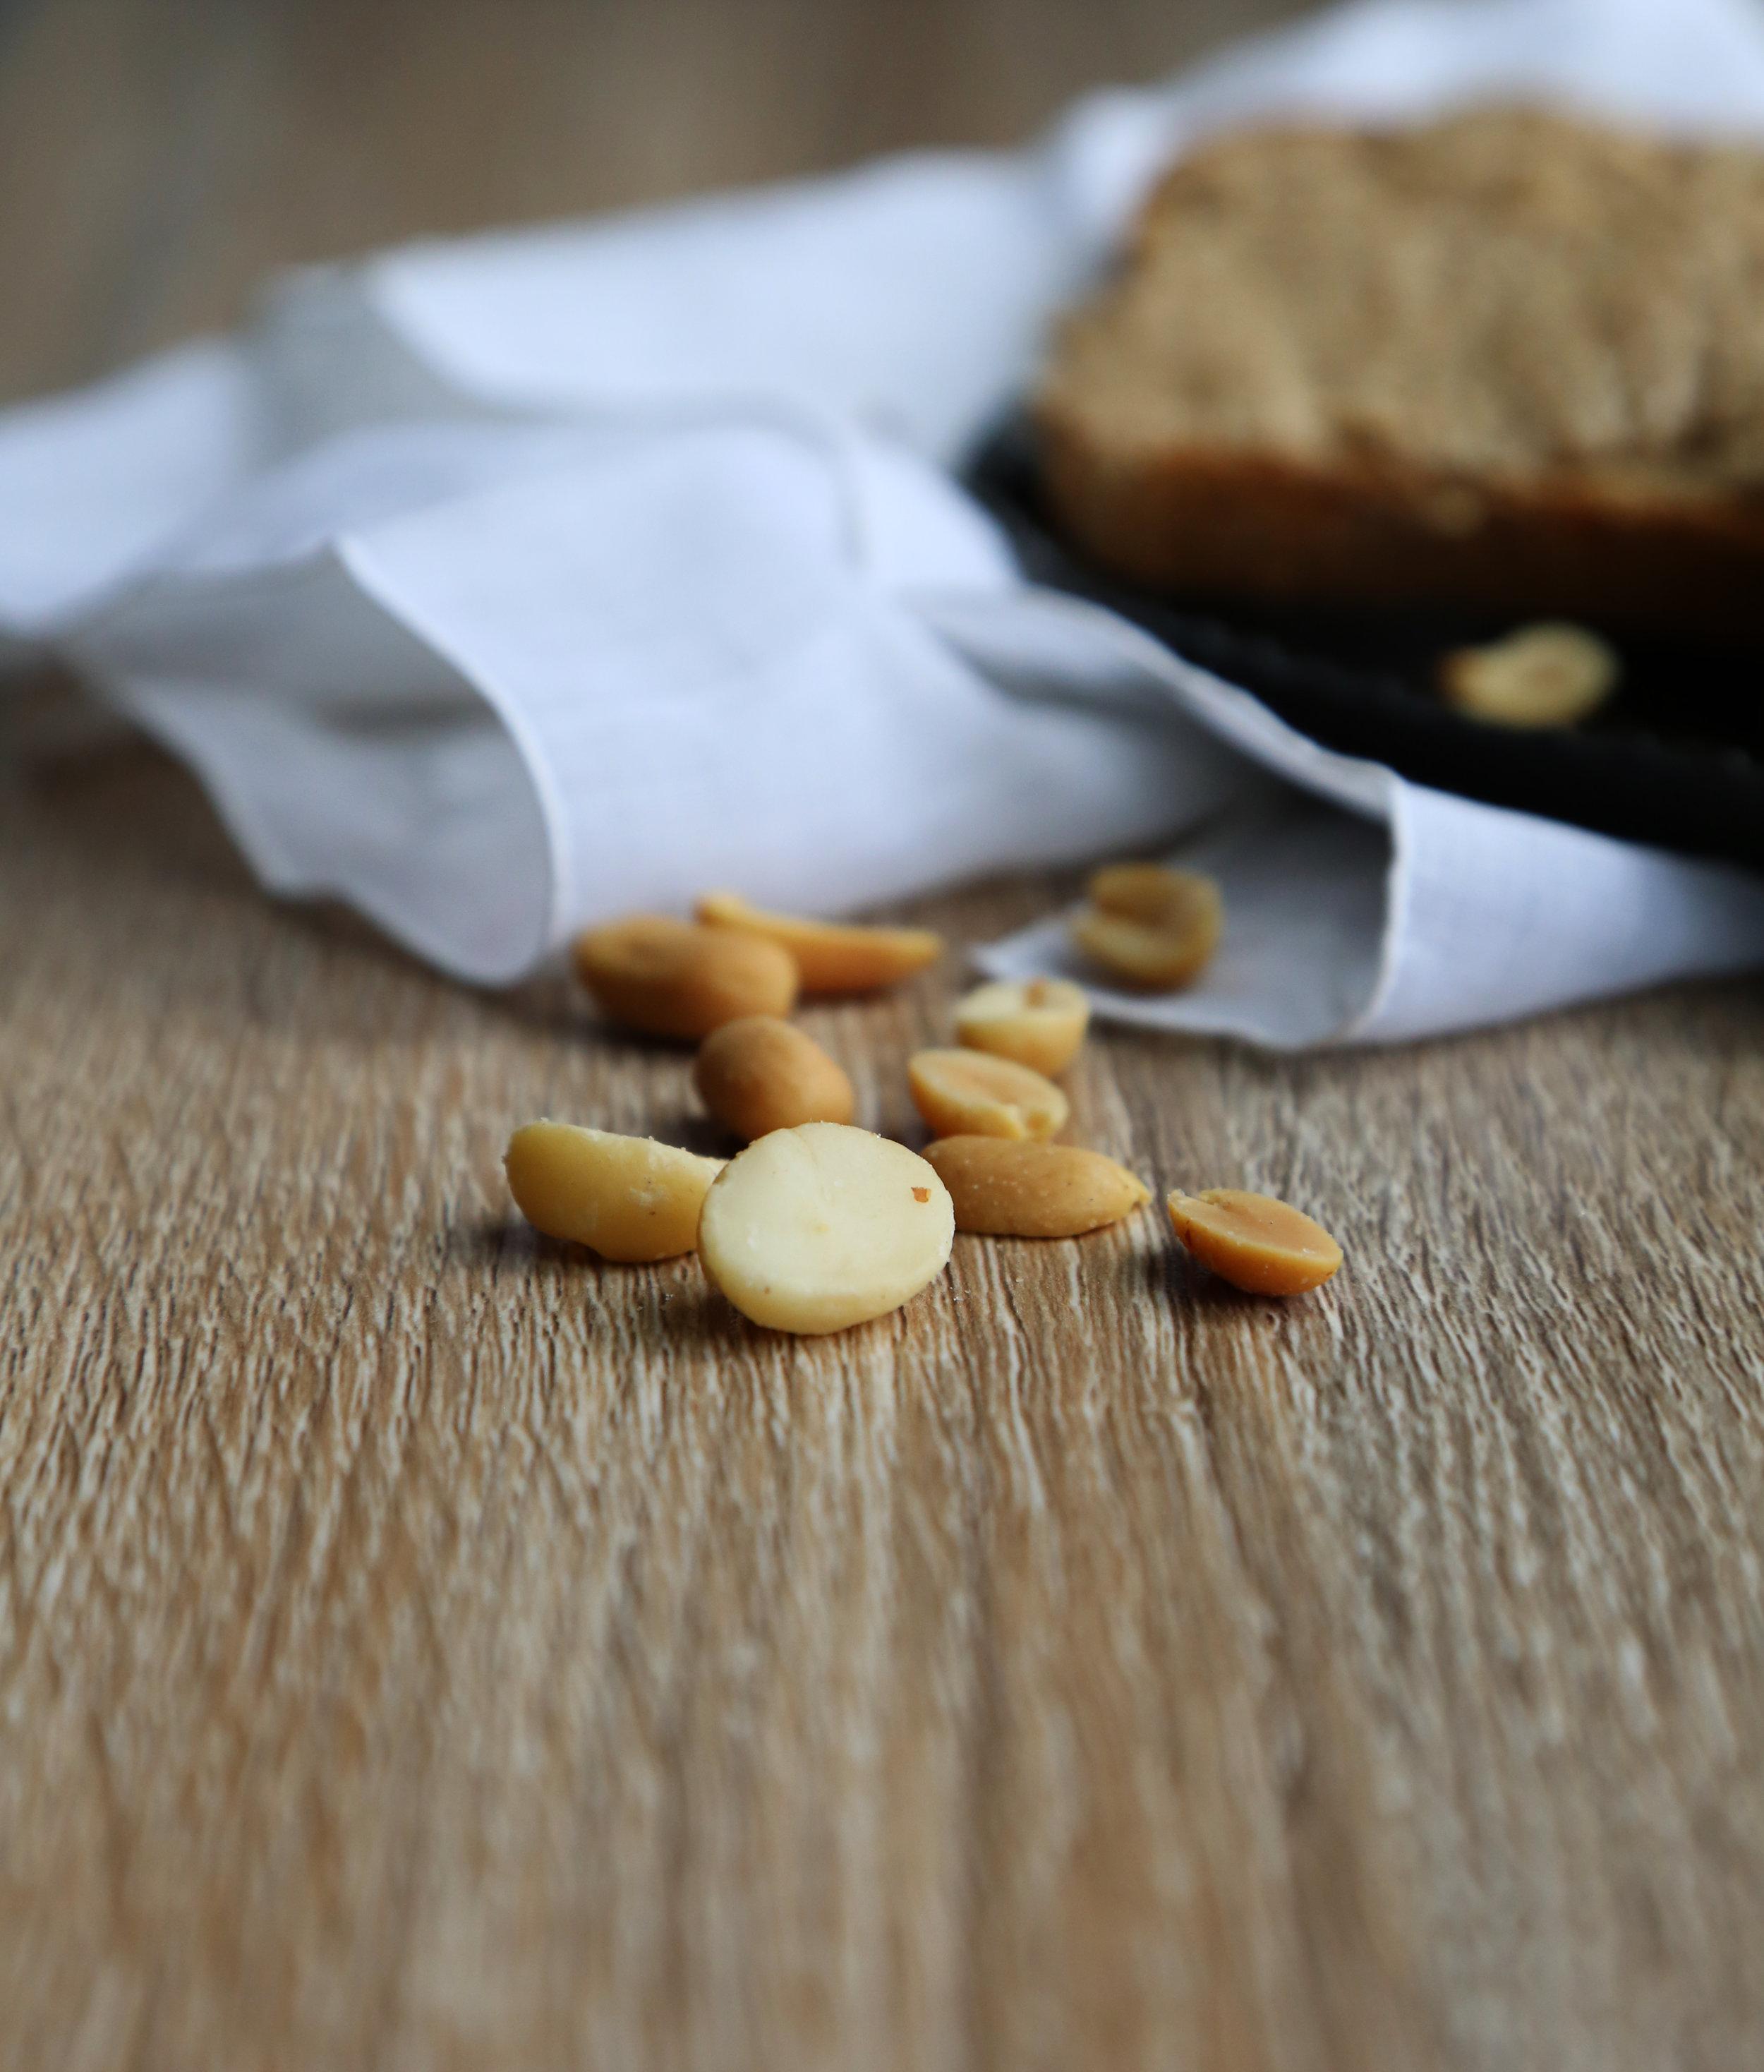 fp_mixed_nut_butter_03.JPG